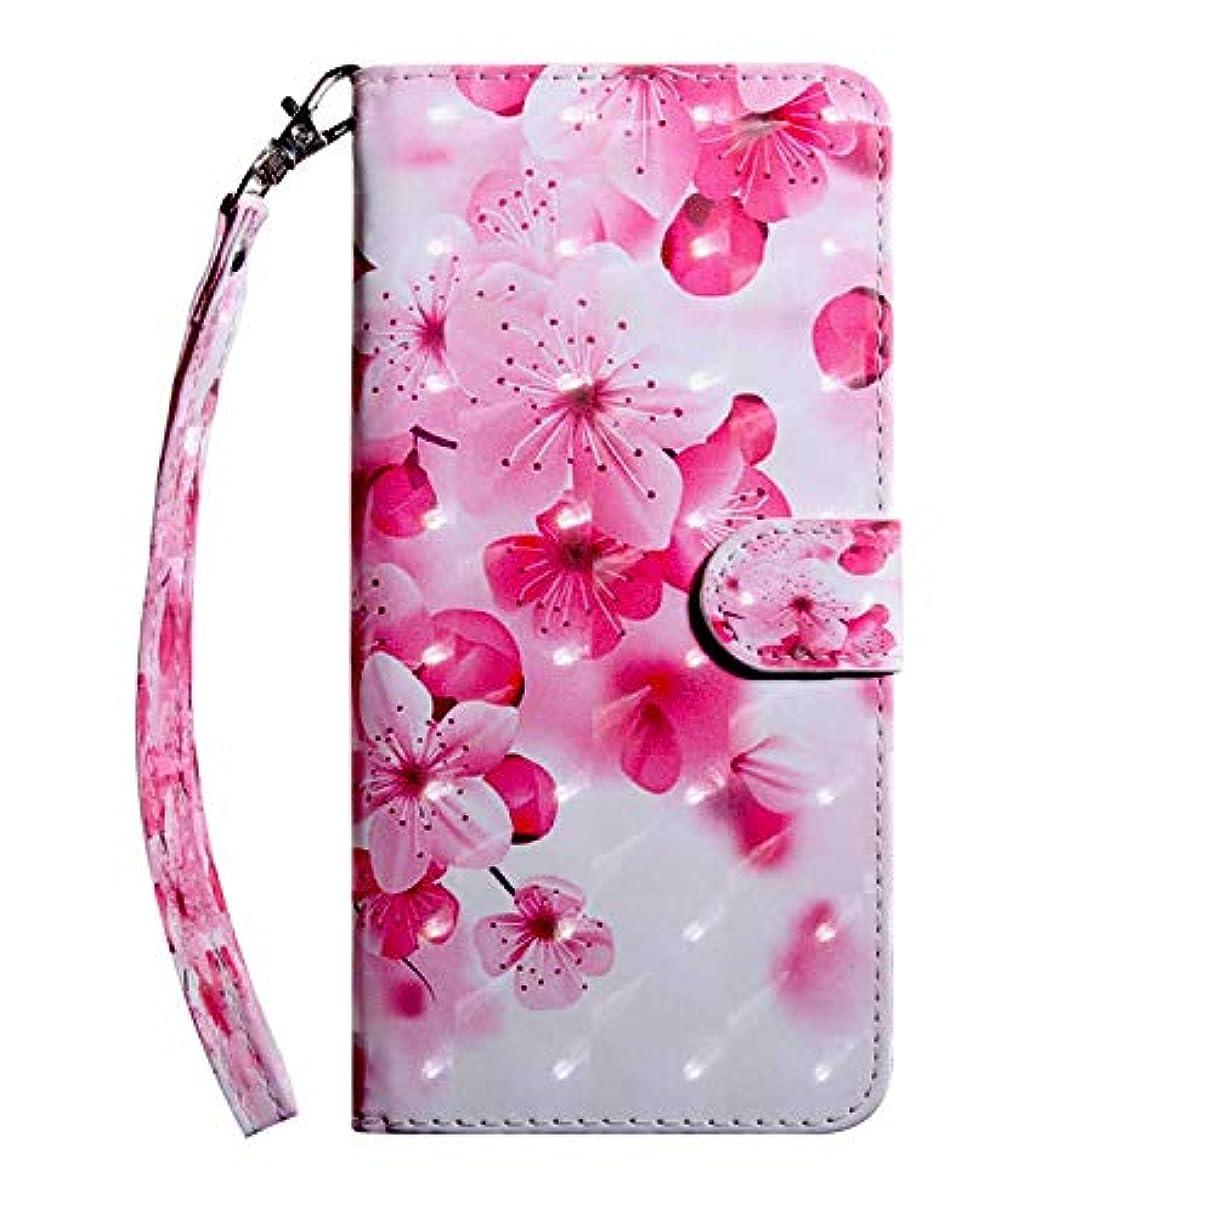 CUSKING Sony Xperia XA2 ケース 手帳型 財布型カバー Sony Xperia XA2 スマホカバー 磁気バックル カード収納 スタンド機能 エクスペリア レザーケース –さくら